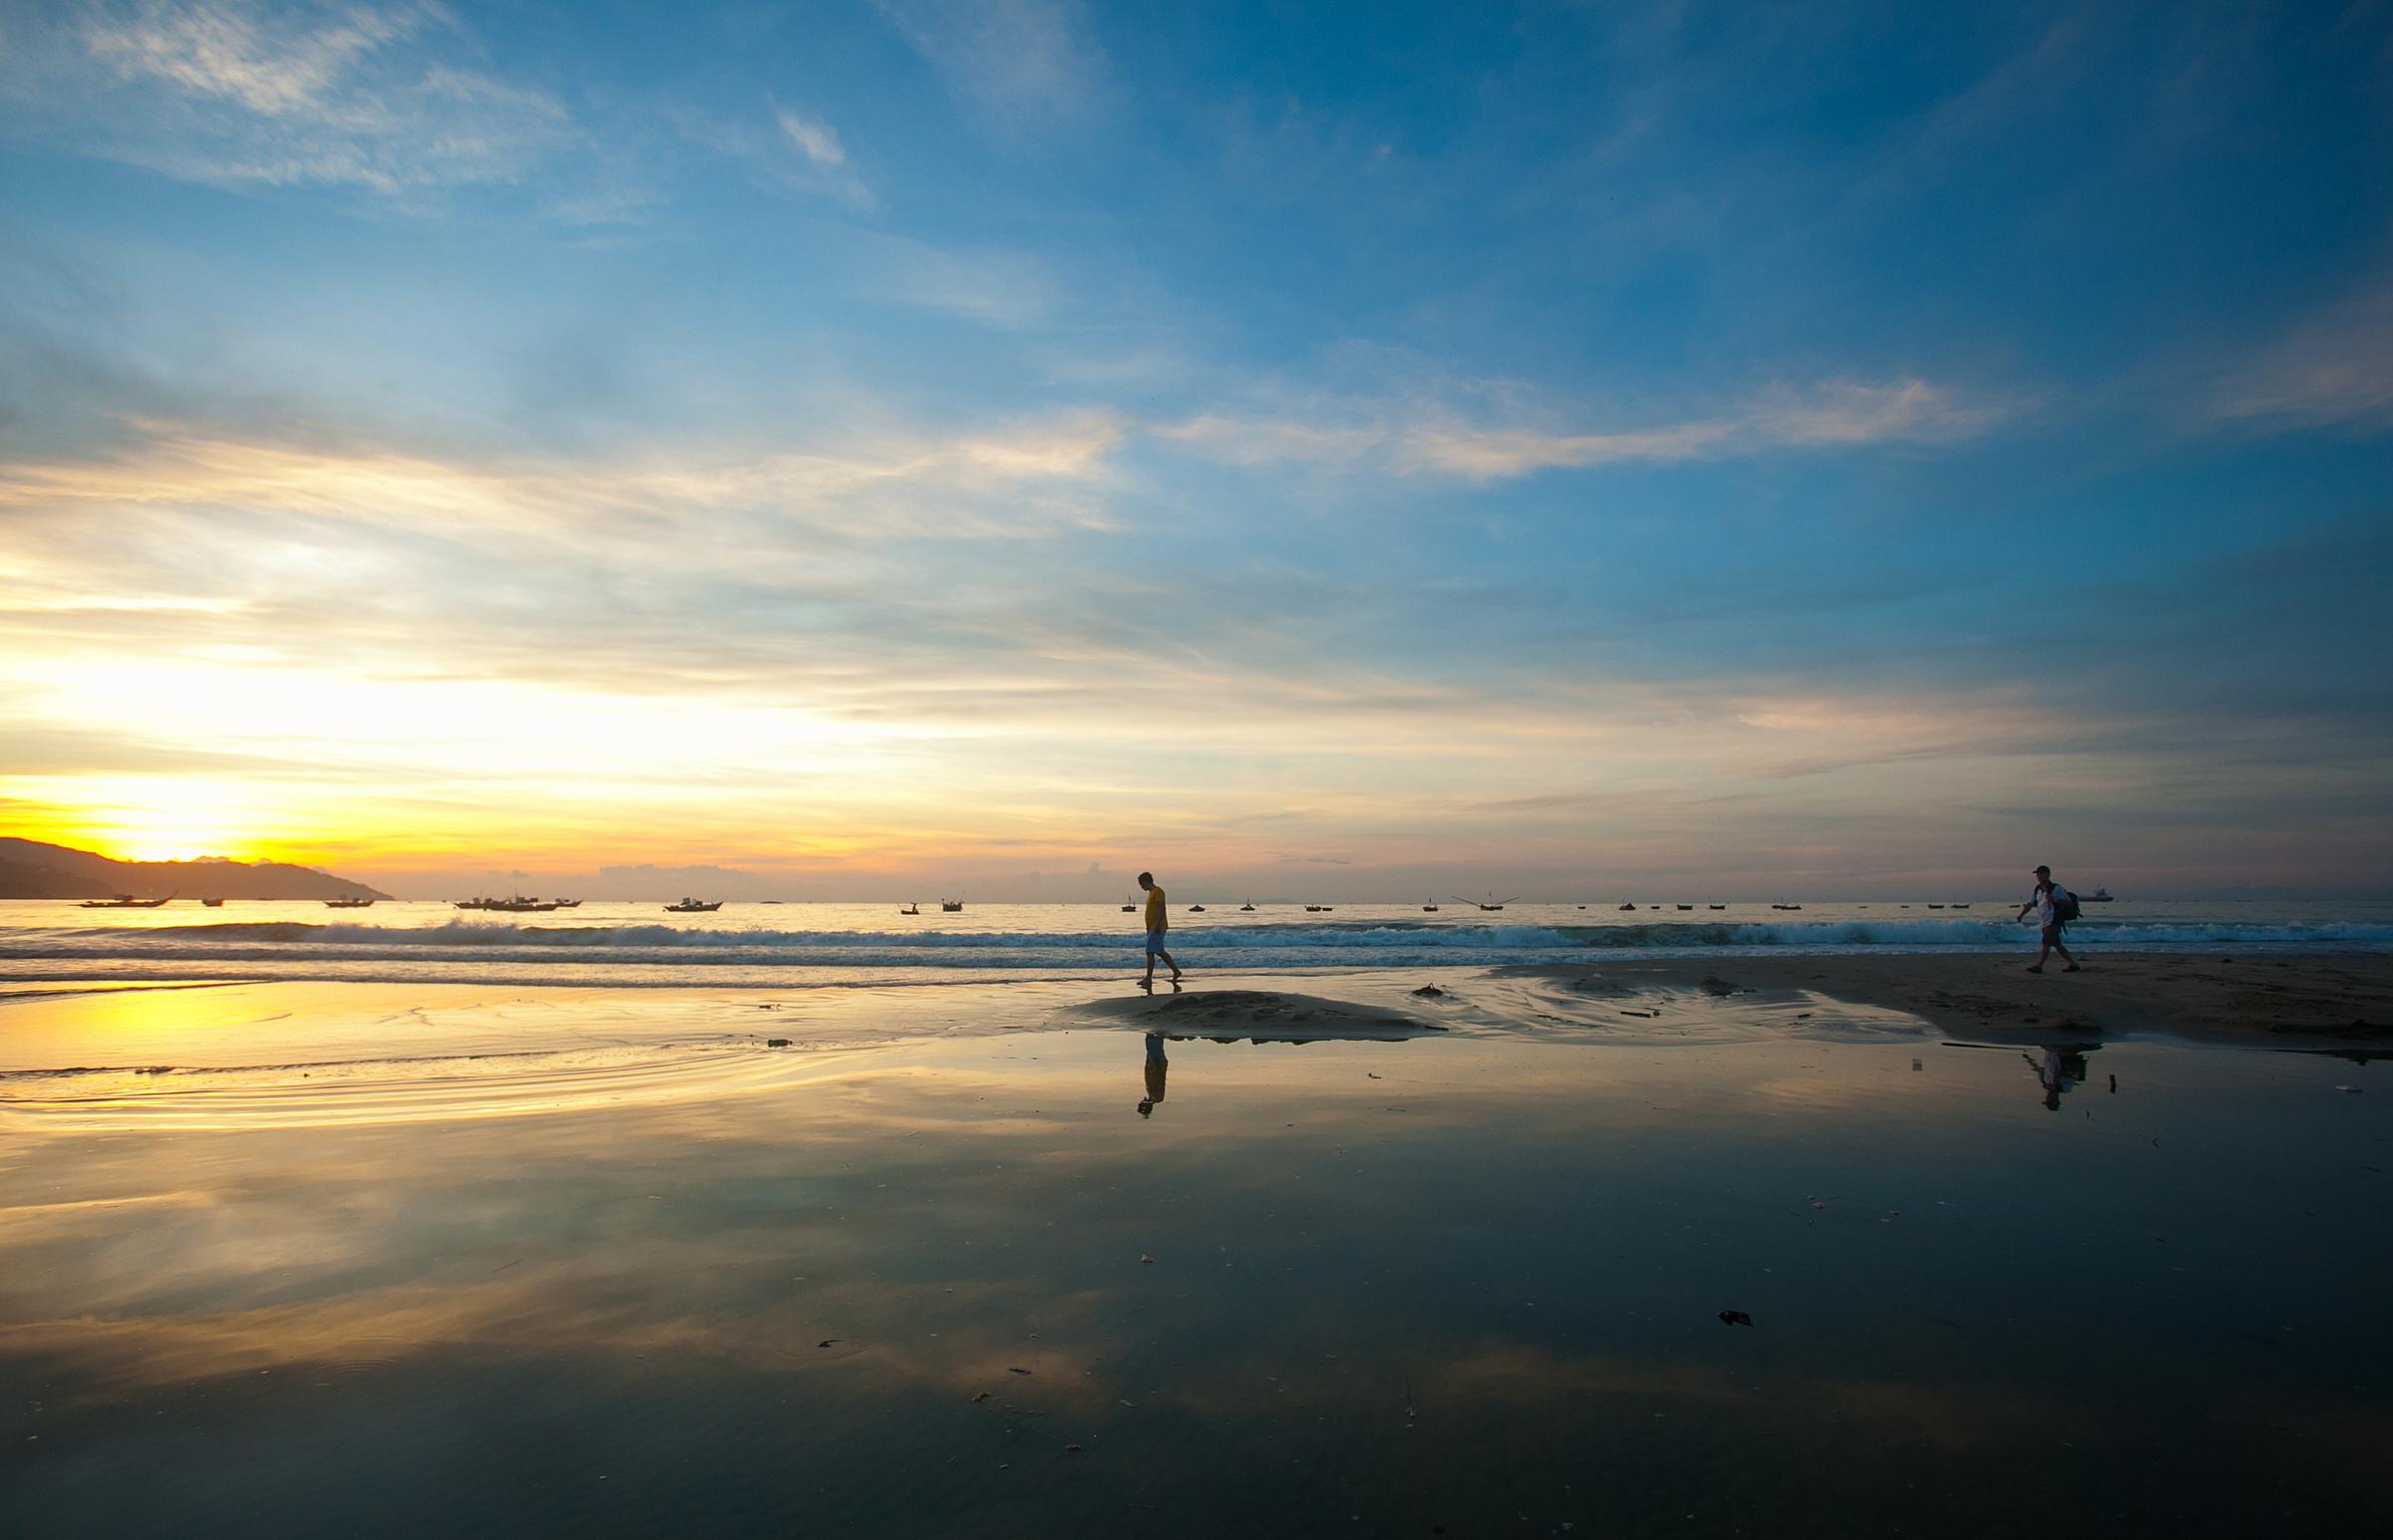 Vẻ đẹp nguyên sơ của bãi biển Hồ Tràm. Ảnh: Shutterstock.